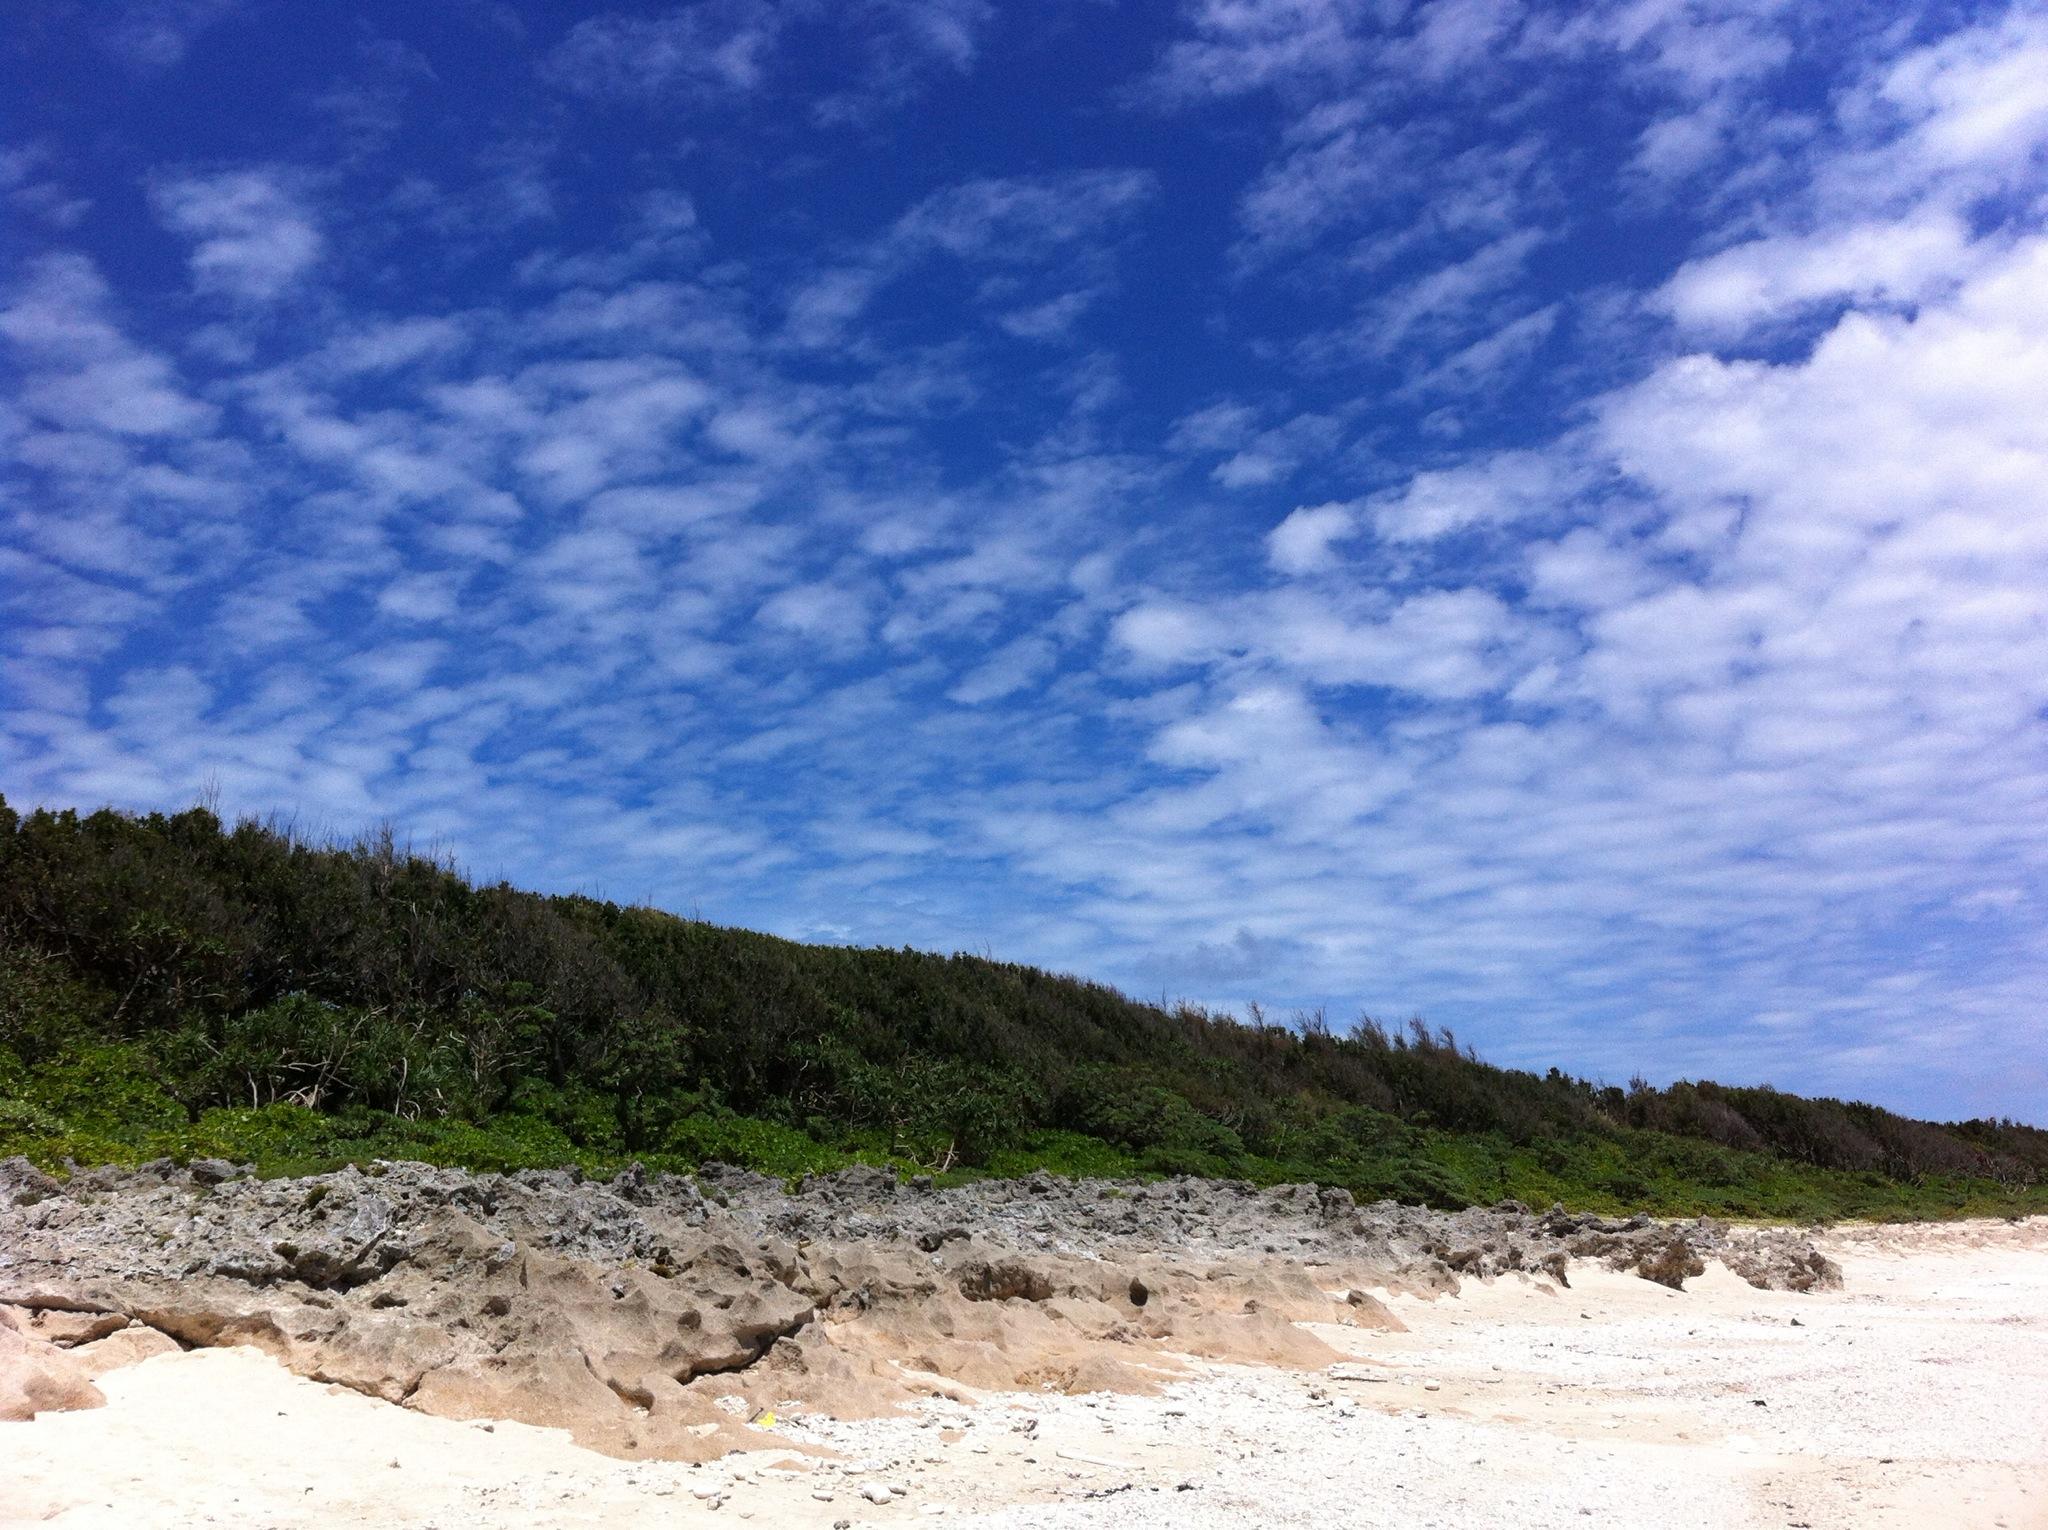 ほんとうに自然に囲まれた島で美しいです!!②